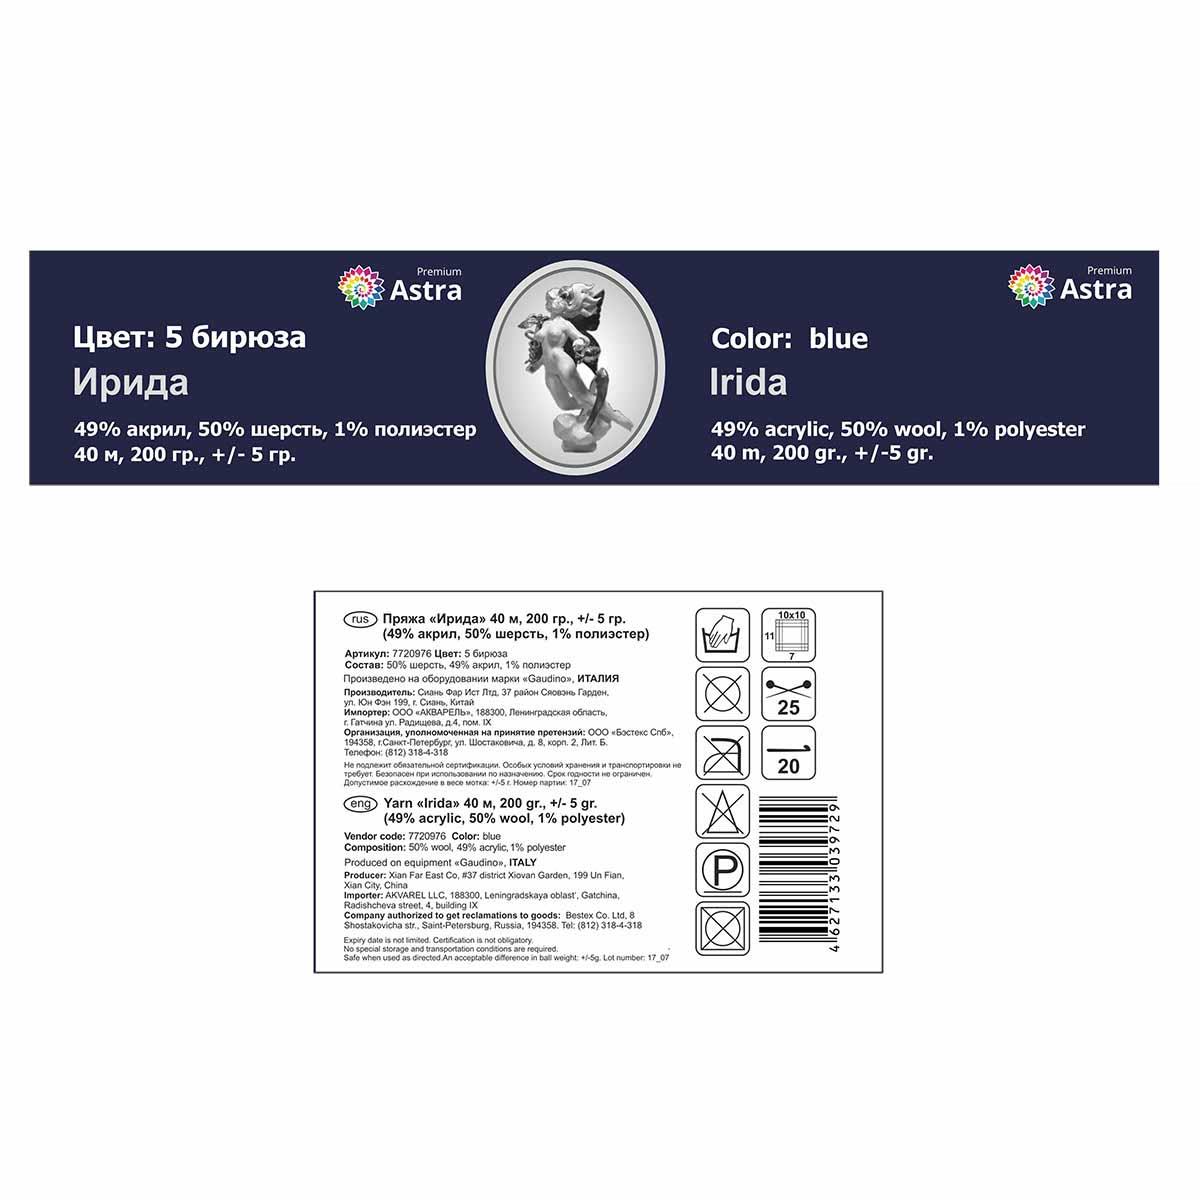 Пряжа Astra Premium 'Ирида' 200гр. 40м (50% шерсть, 49% акрил, 1% полиэстер)